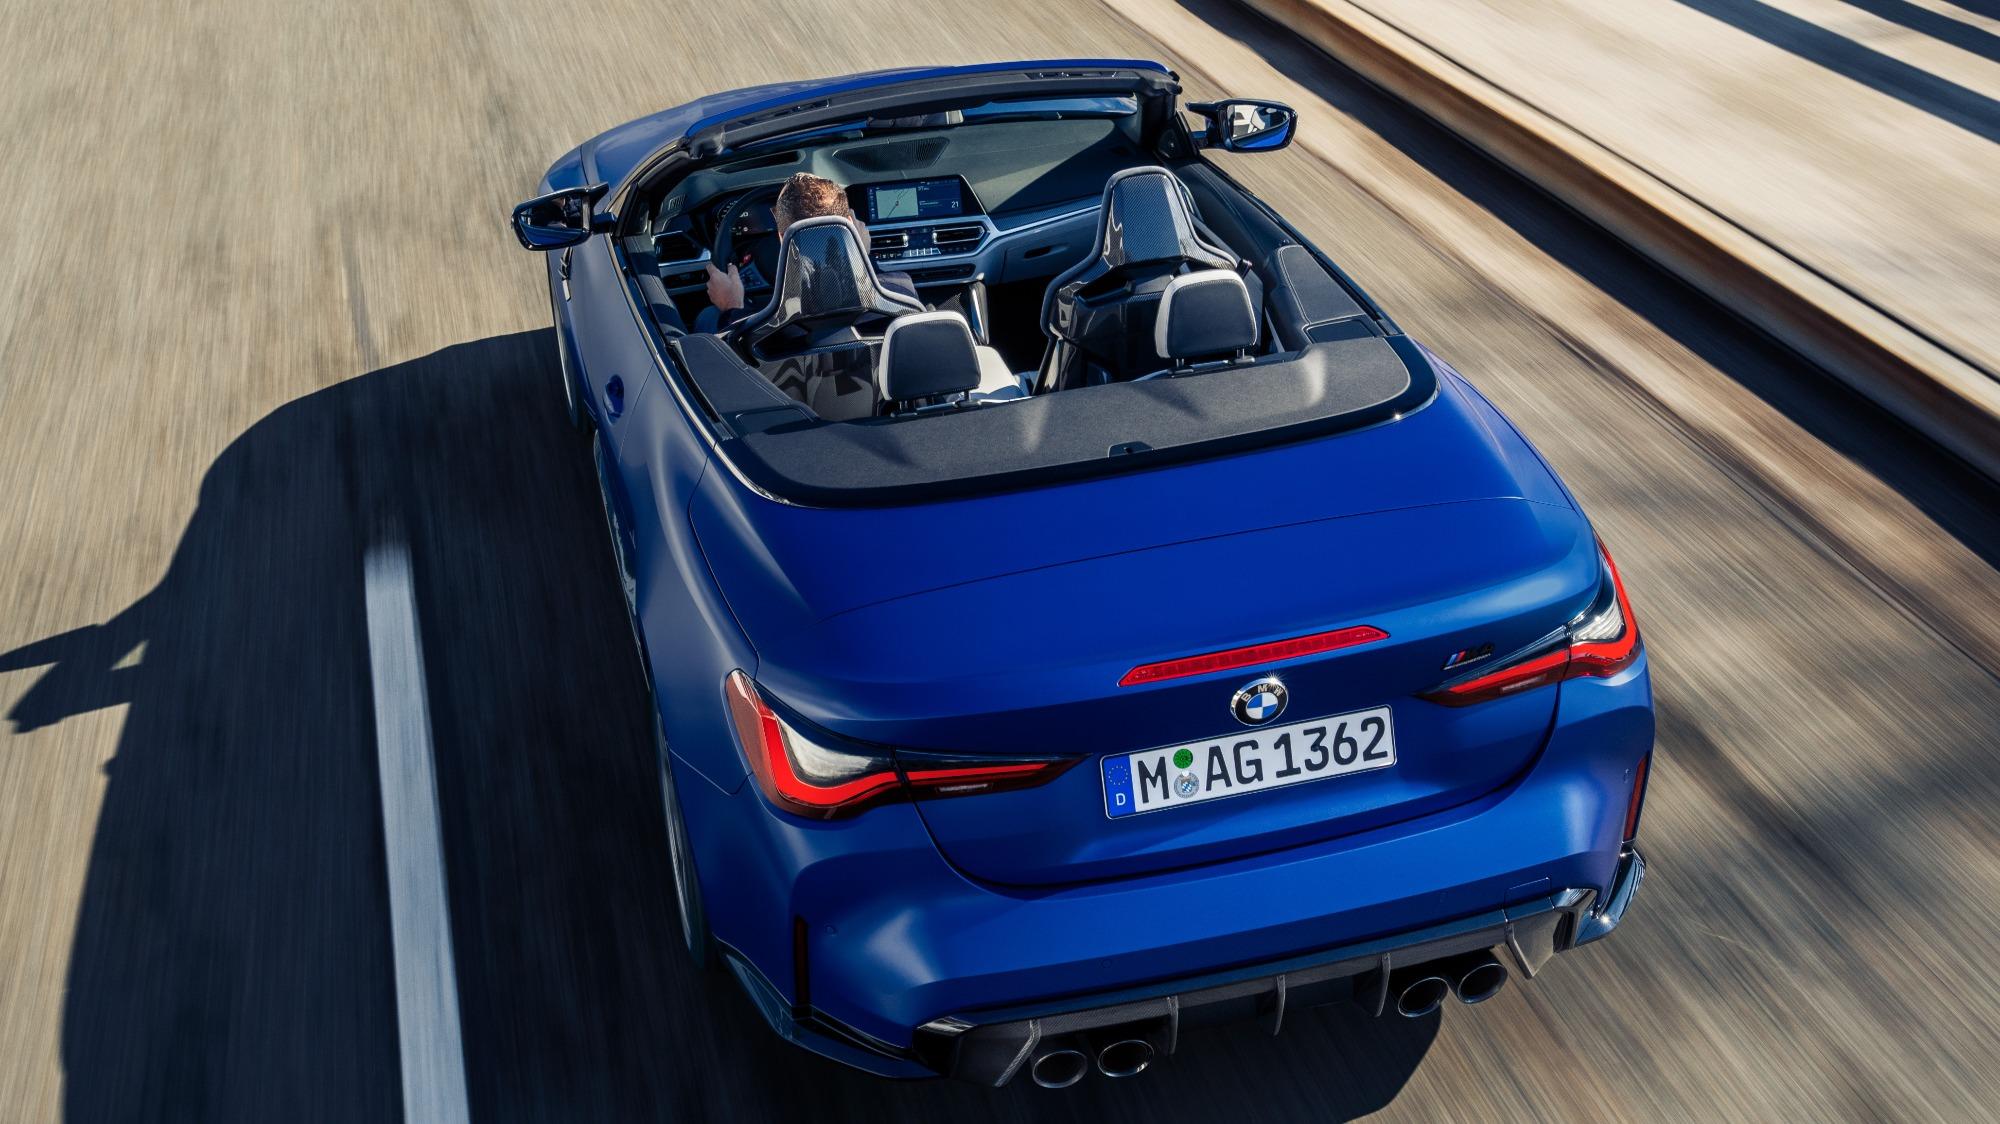 BMW M4 Competition 2022 conversível azul visto por trás em imagem aérea